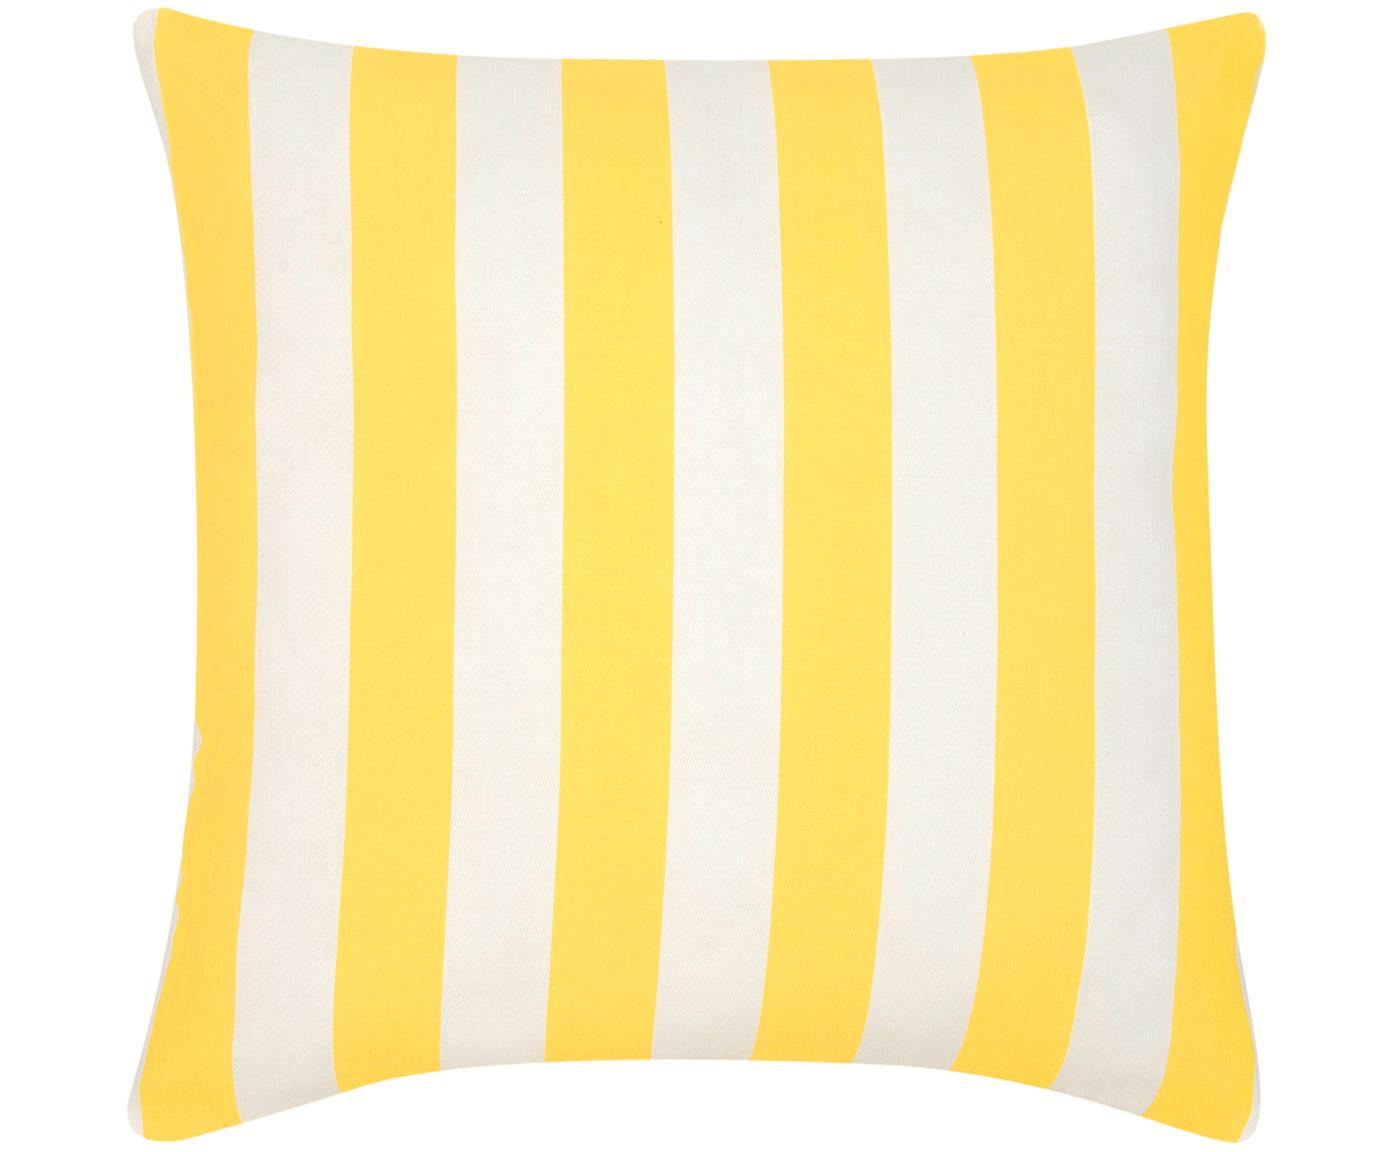 Federa arredo a righe in giallo/bianco Timon, Cotone, Giallo, bianco, Larg. 45 x Lung. 45 cm